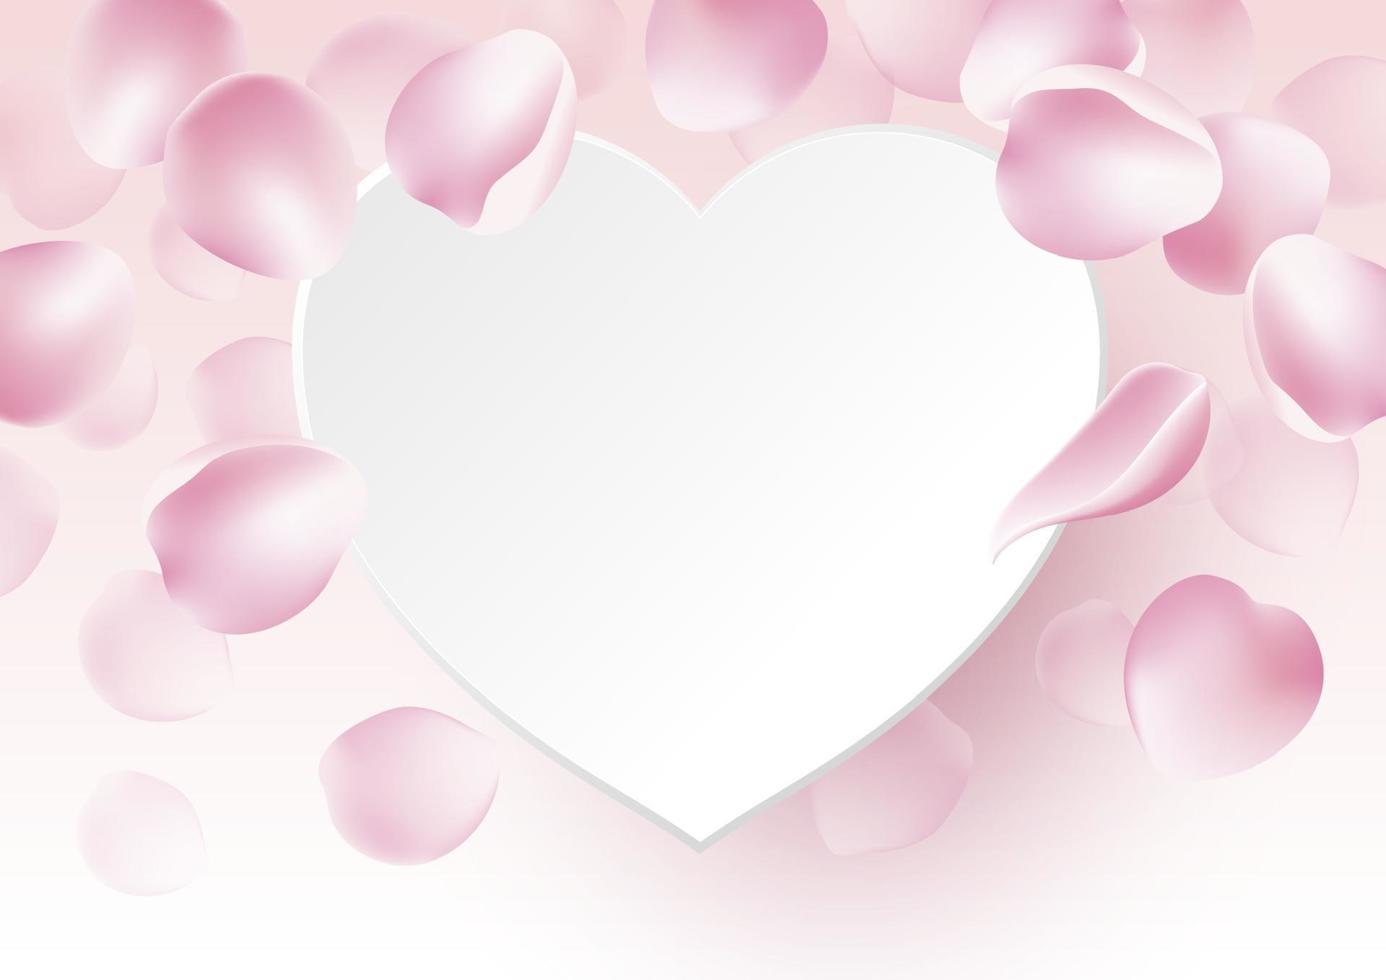 pétalas de rosa caindo com coração de papel em branco na ilustração vetorial de fundo rosa vetor